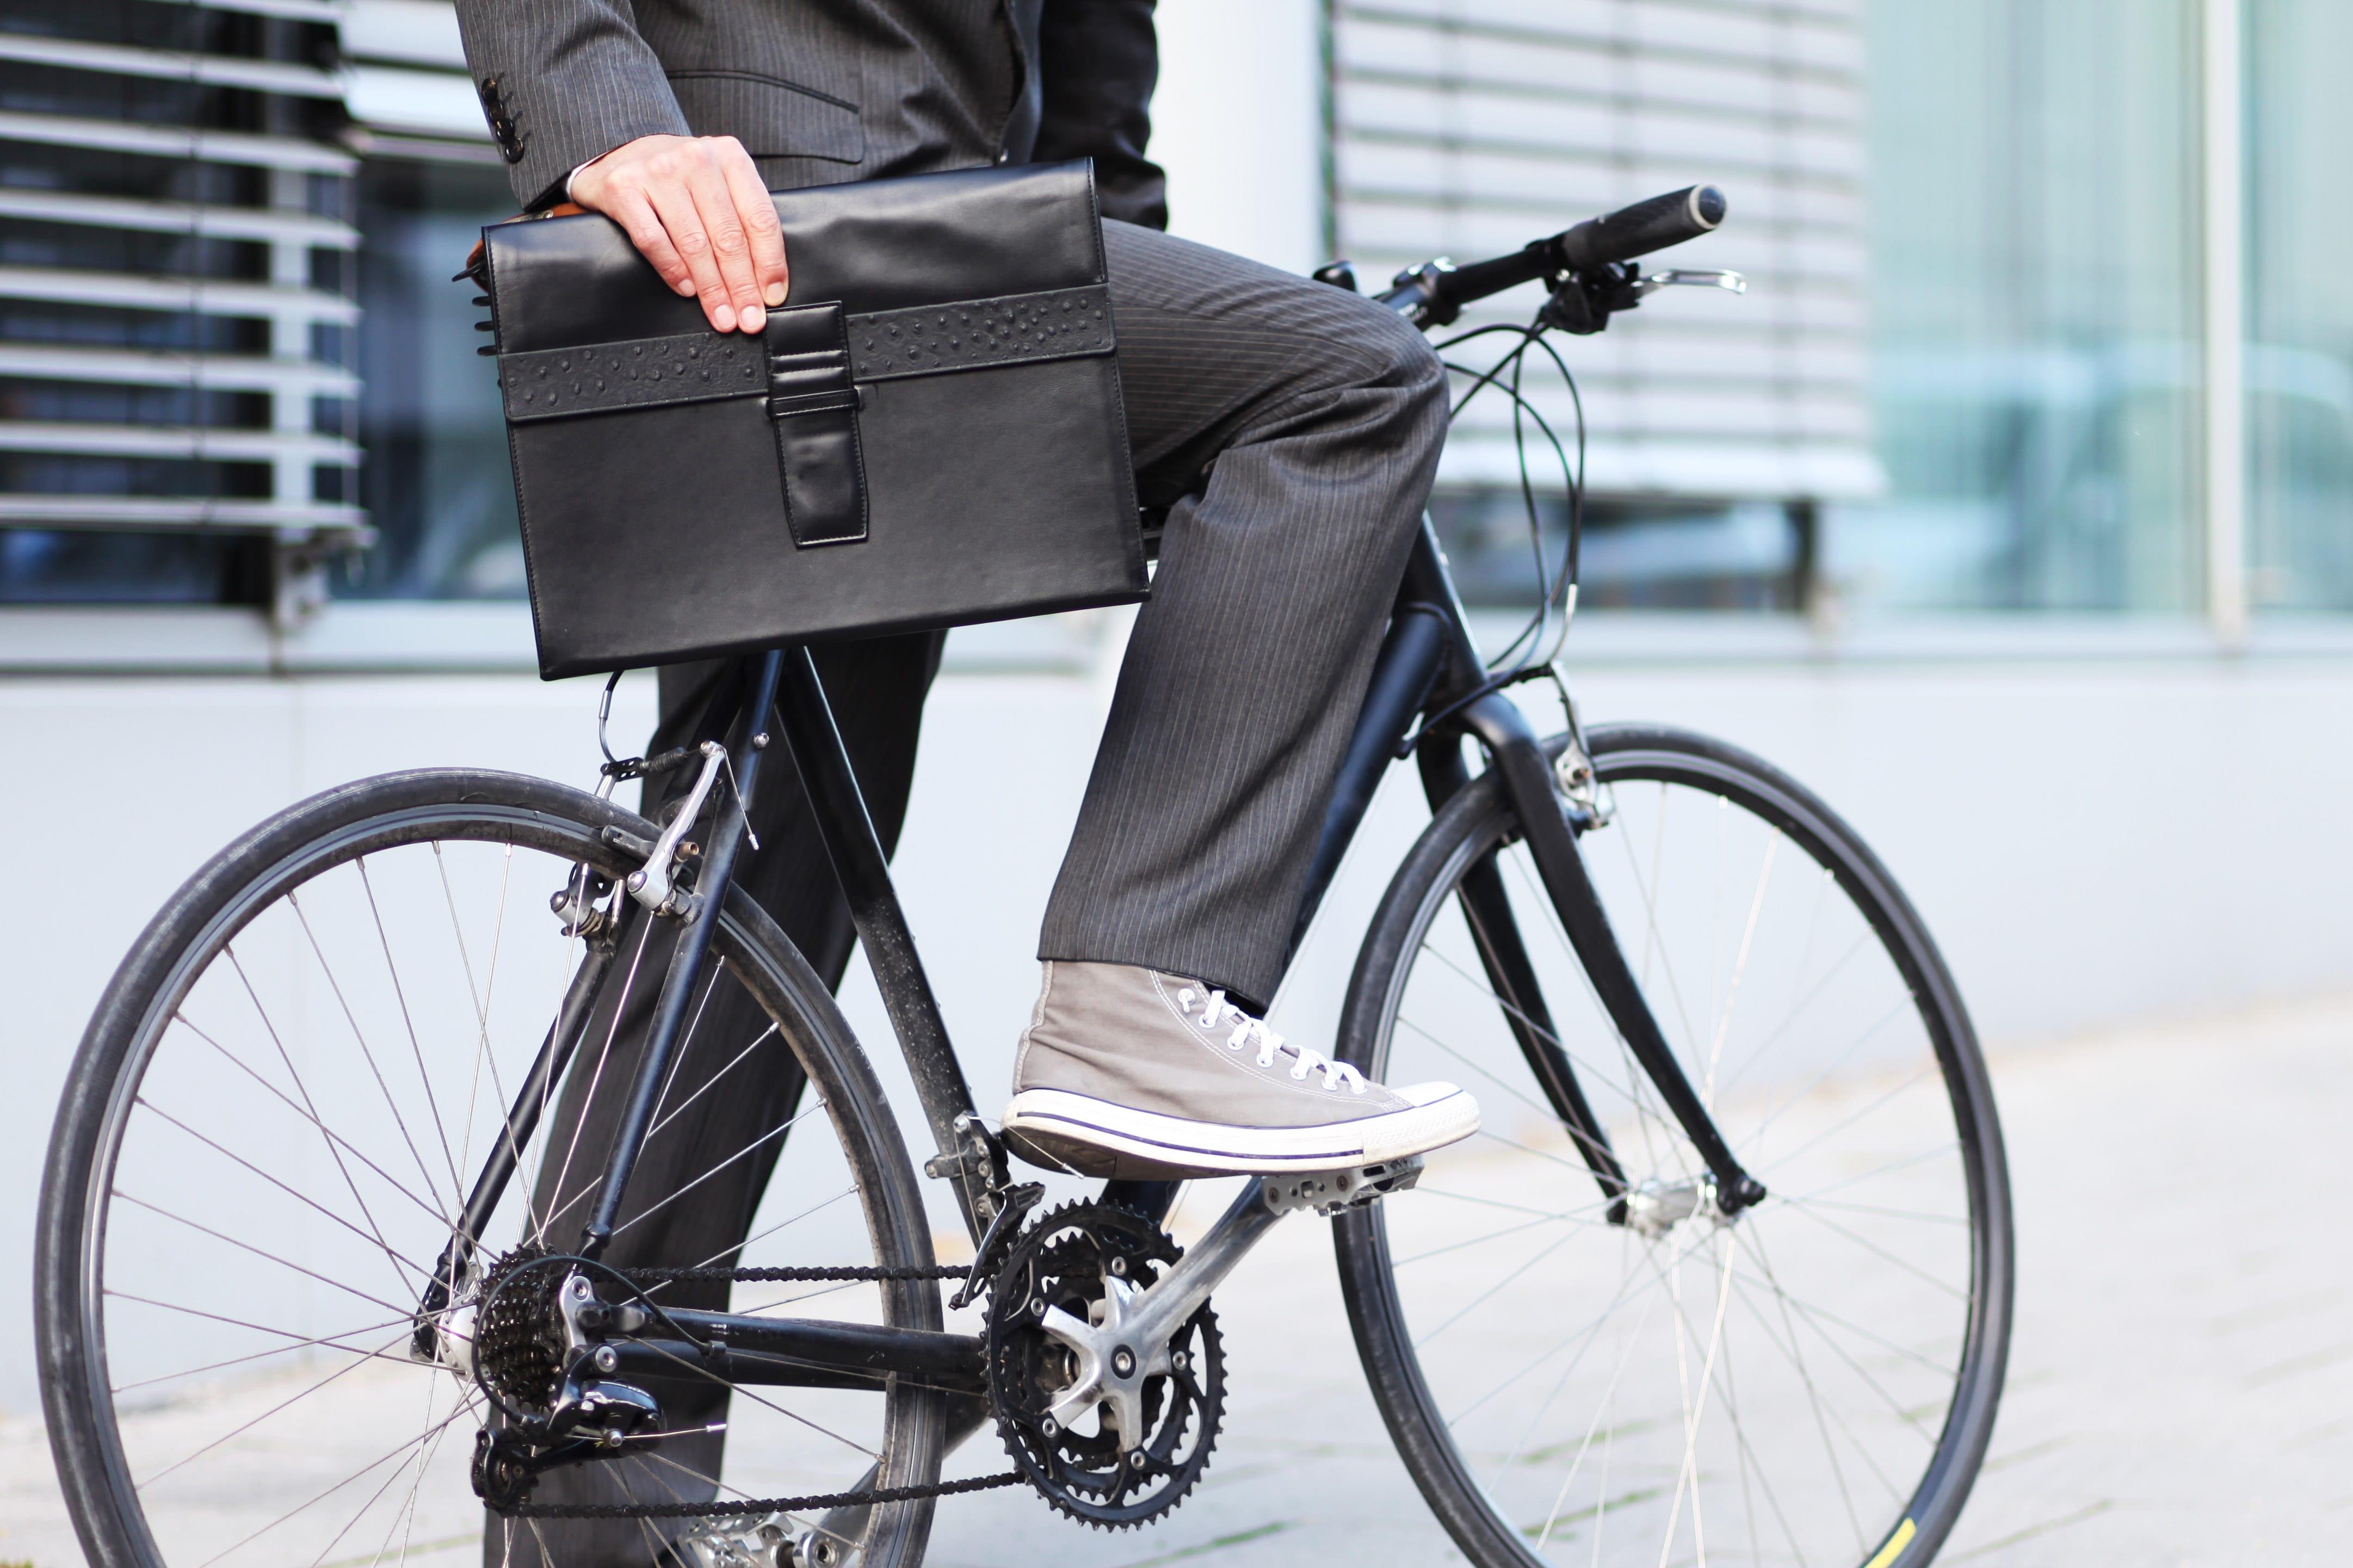 hosenschoner gegen schmutz von fahrradkette. Black Bedroom Furniture Sets. Home Design Ideas